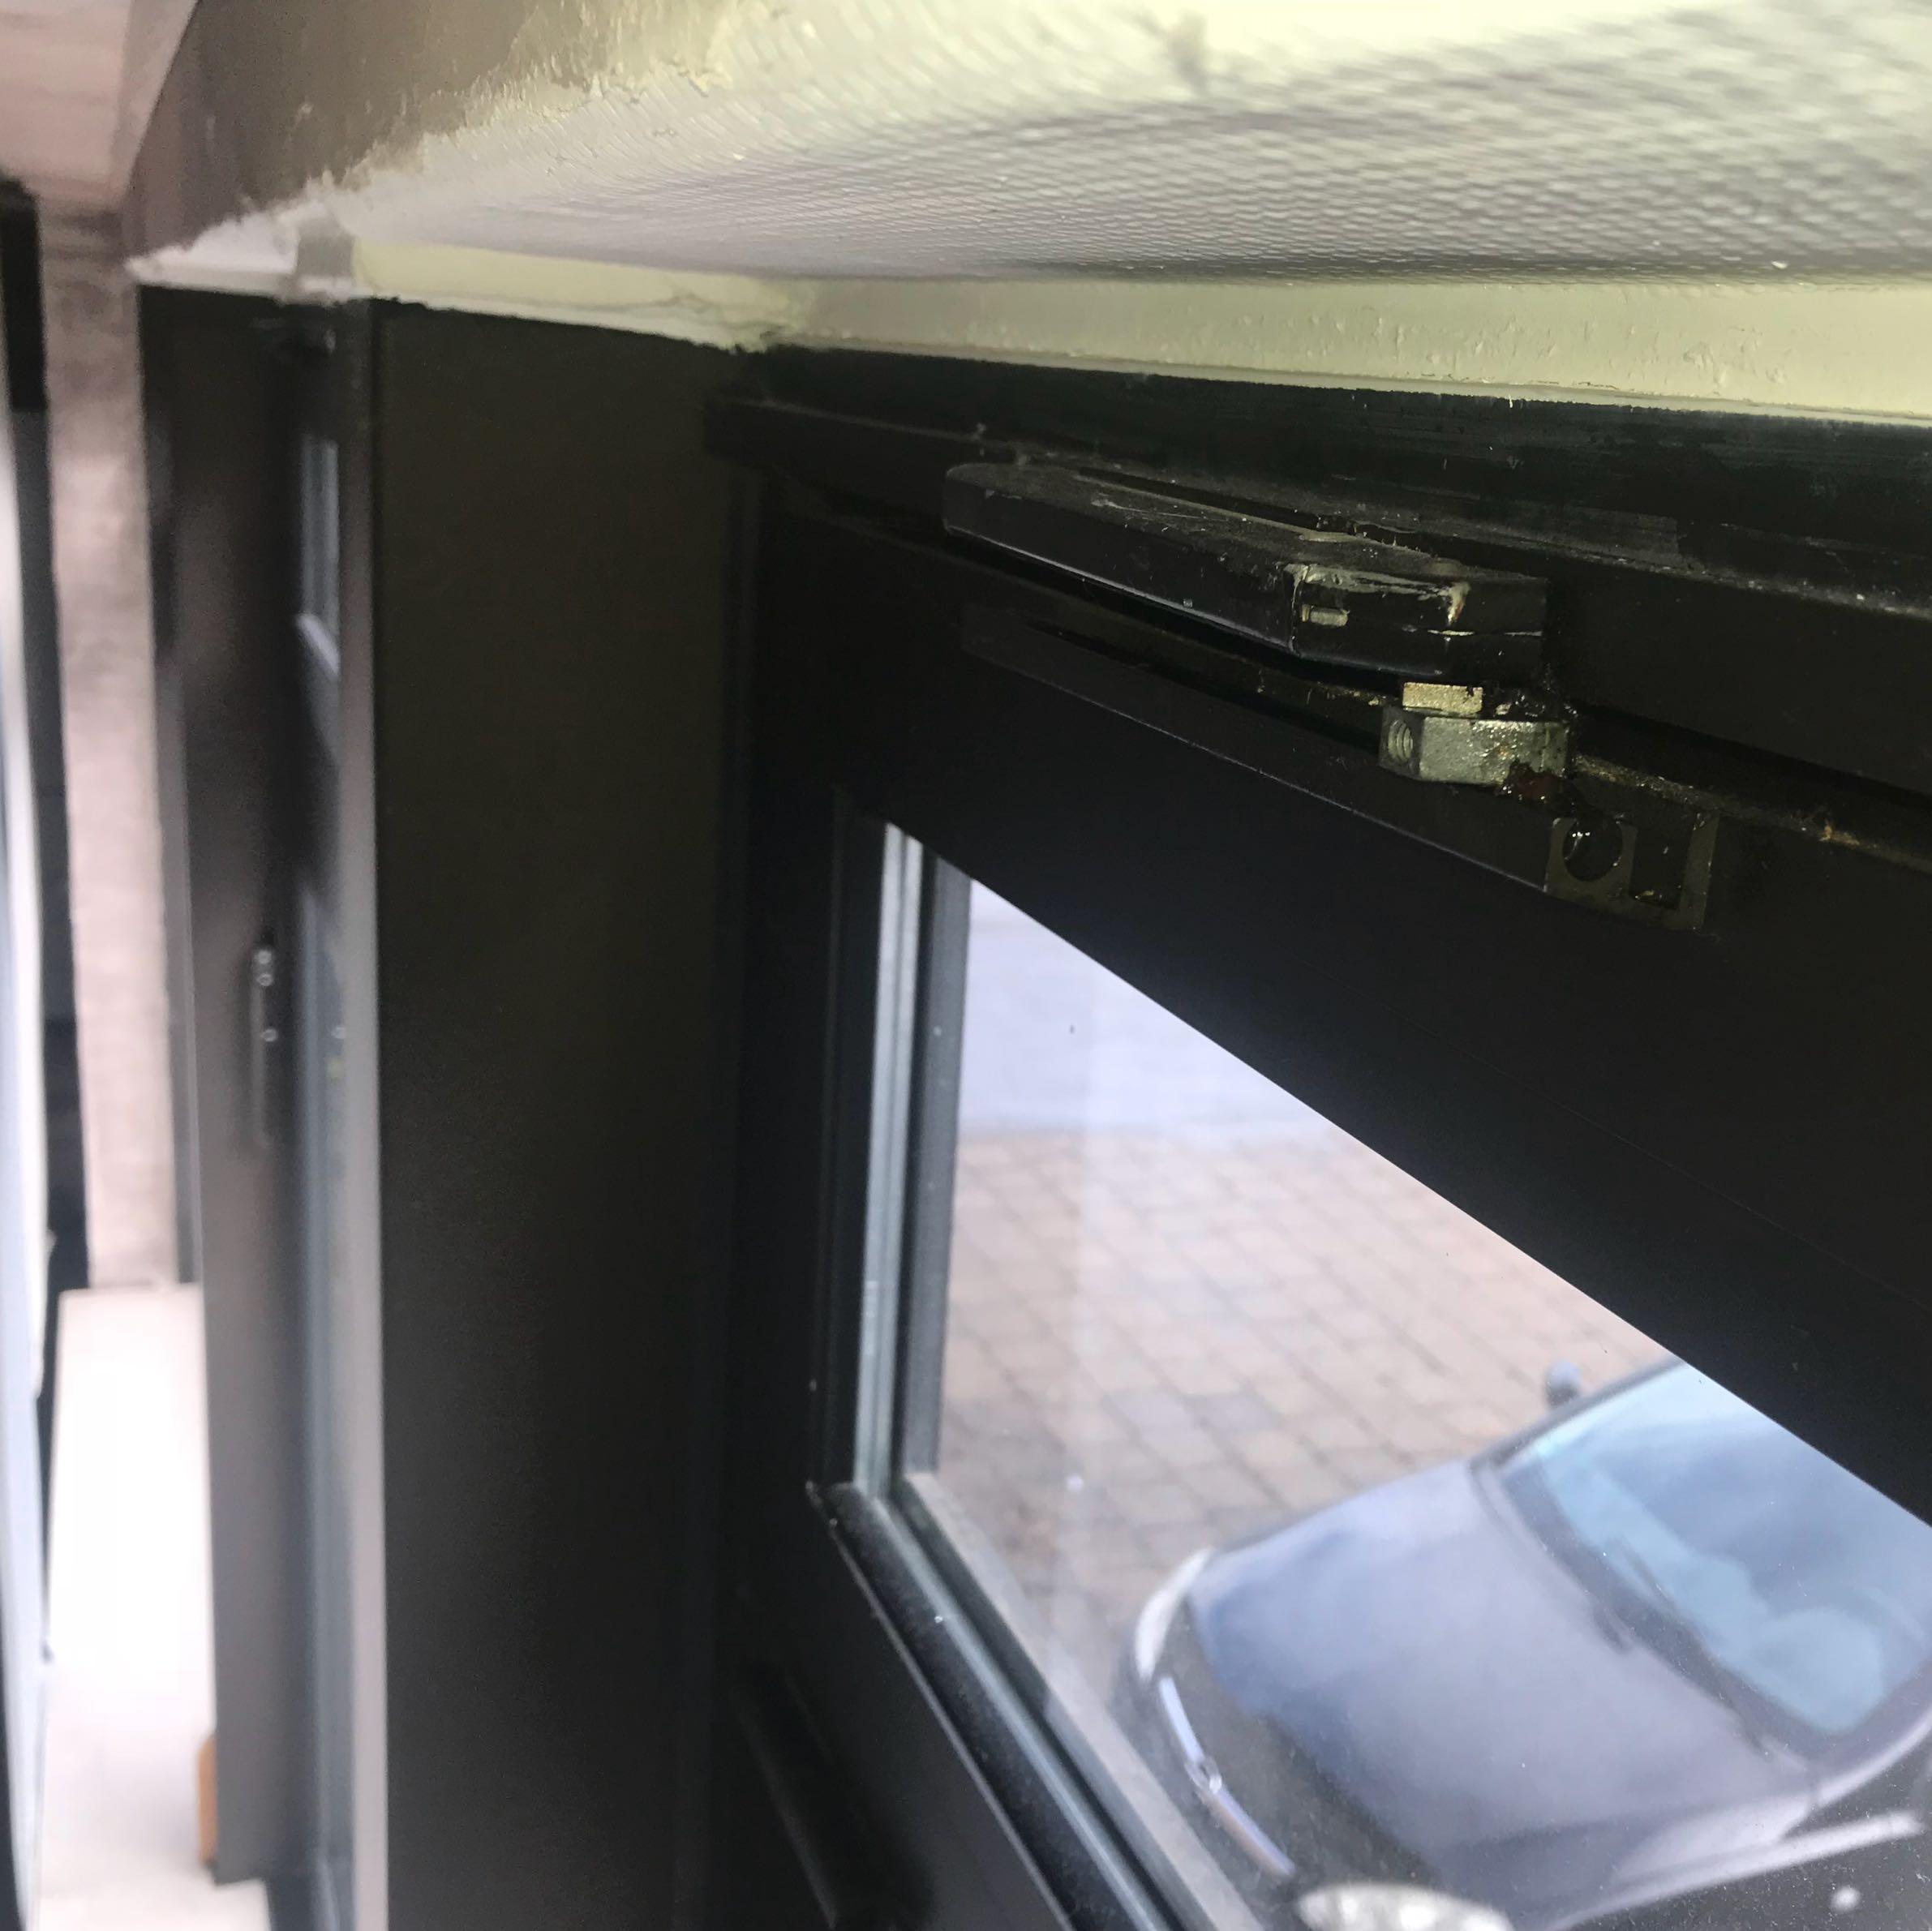 Fenster undicht, was tun? (dichtung)